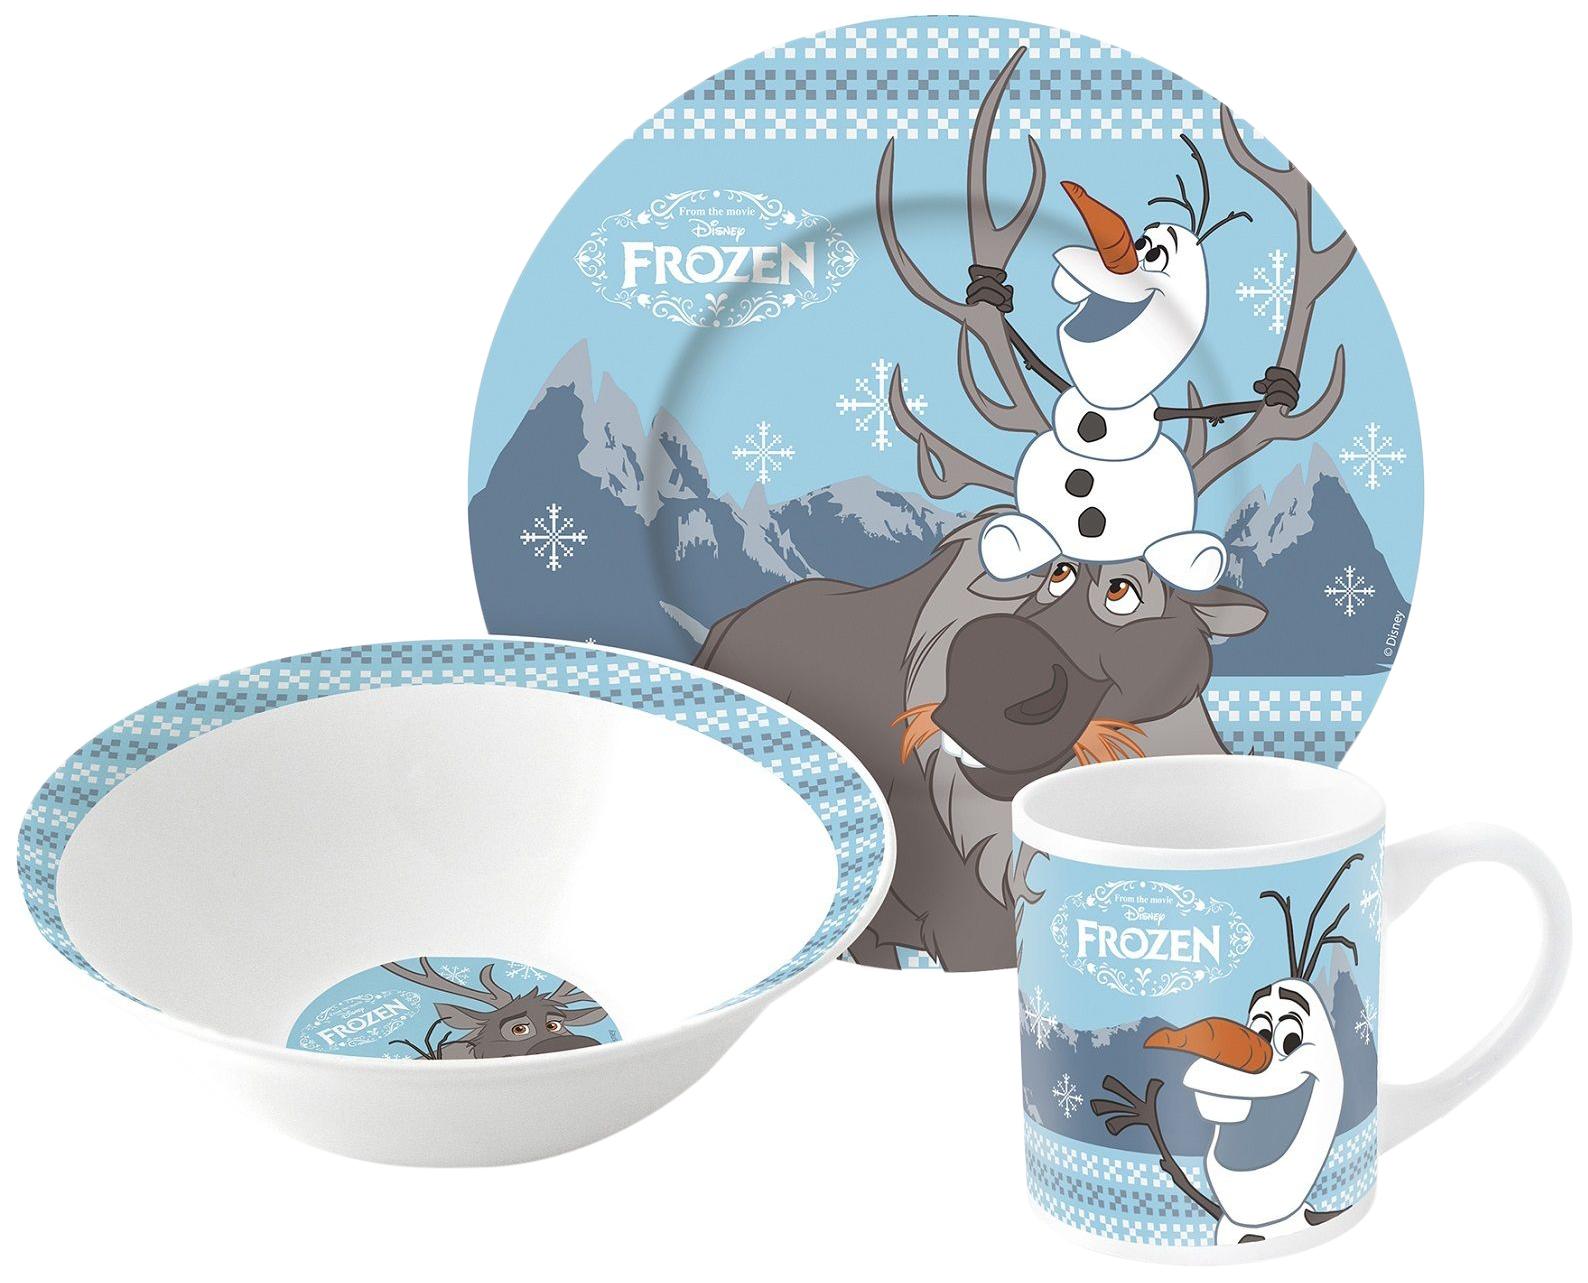 Купить 252369, Набор детской посуды Stor Disney FROZEN Холодное сердце Олаф и Свен, Наборы детской посуды